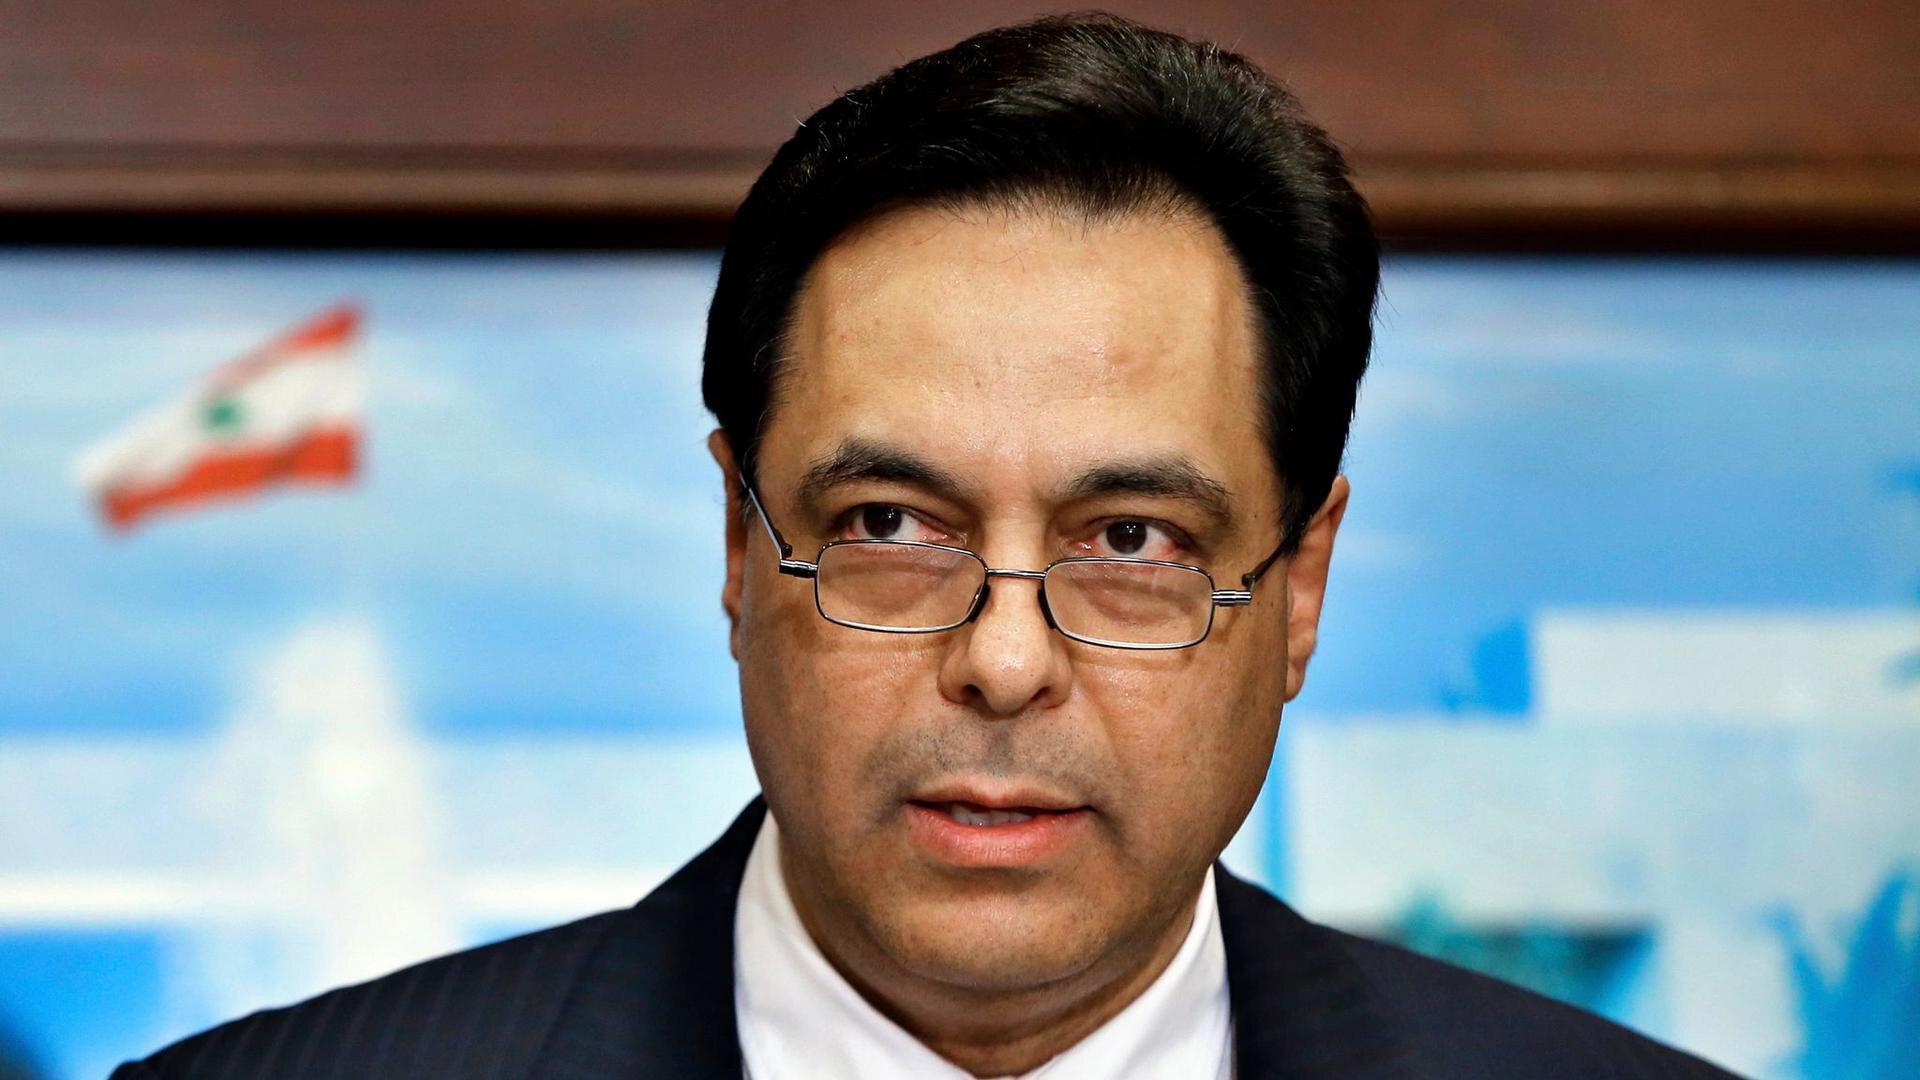 """Başbakan Hassan Diyab ve eski bakanların """"görevi ihmal"""" ile suçlanması, ülkede tartışma konusu olmuştu."""